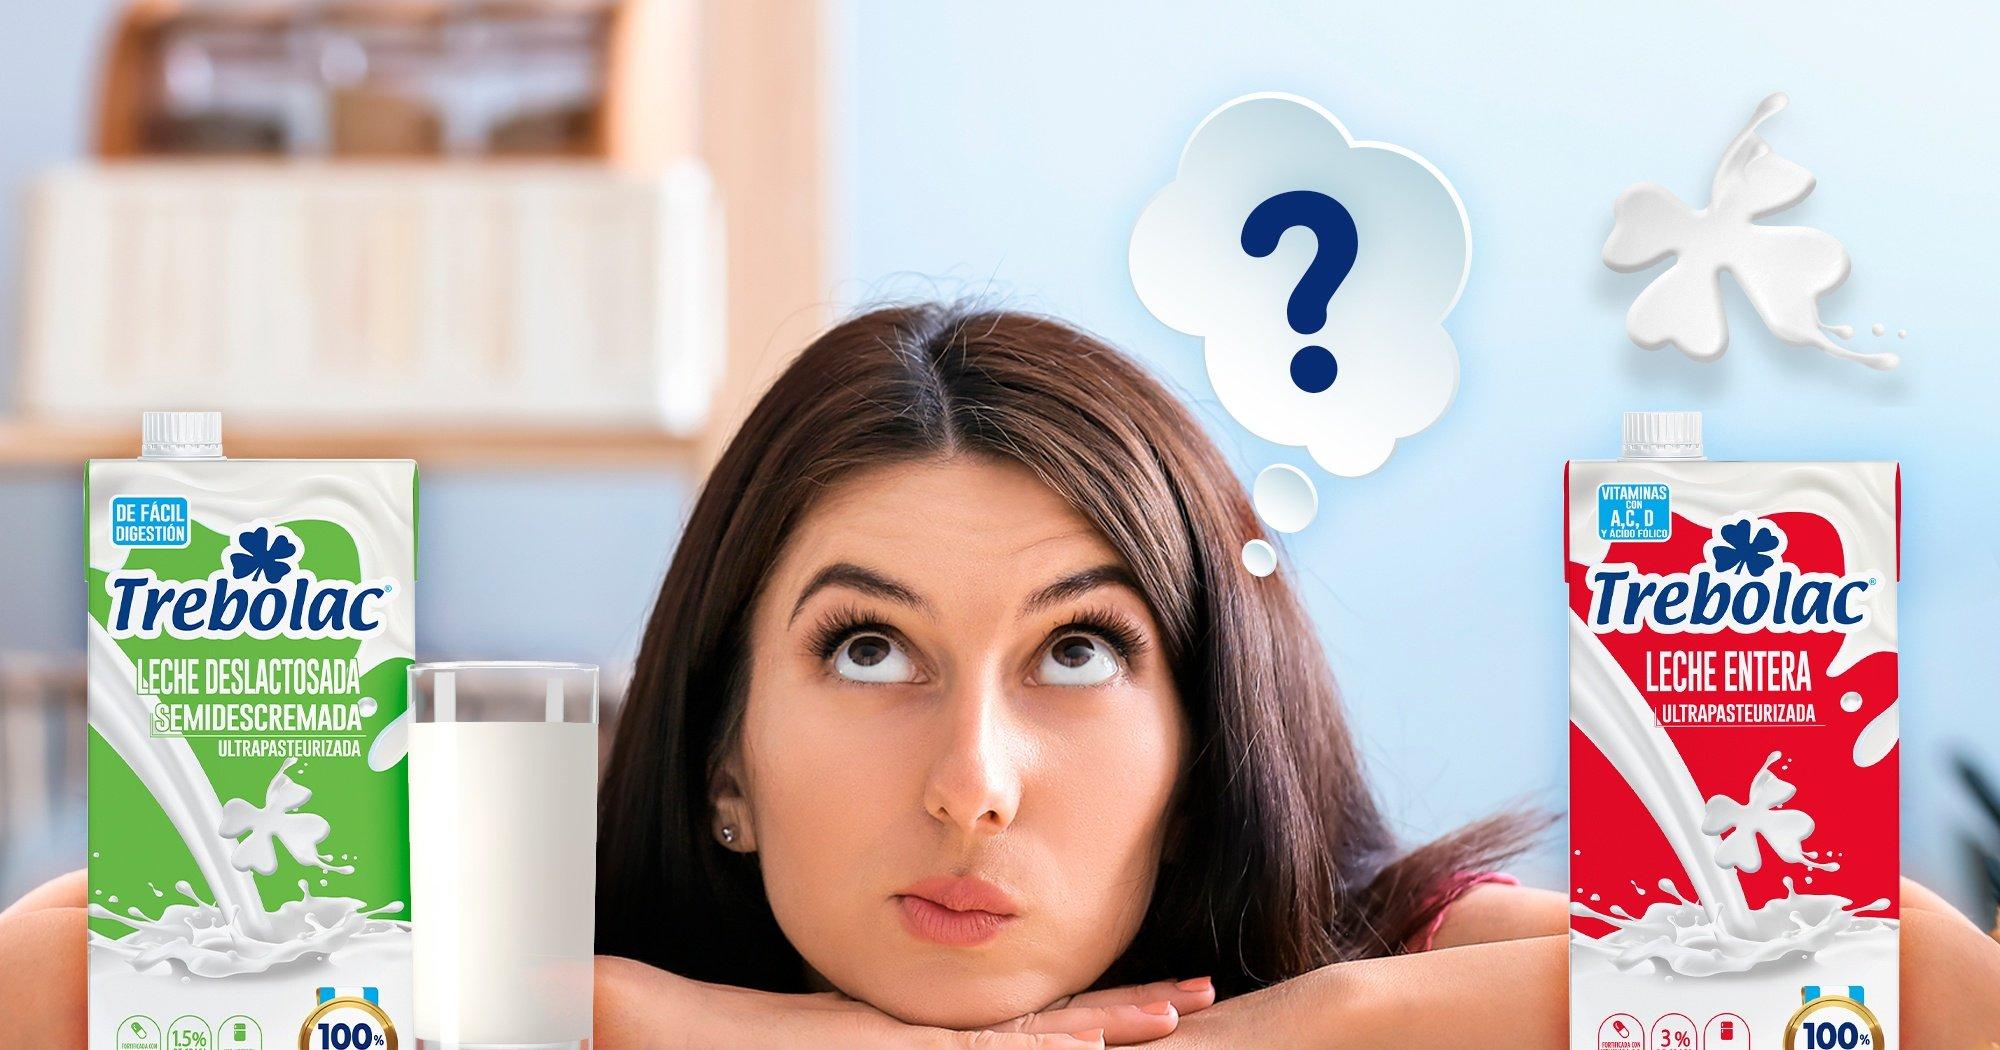 ¿Si no eres intolerante a la lactosa es bueno tomar leche deslactosada?